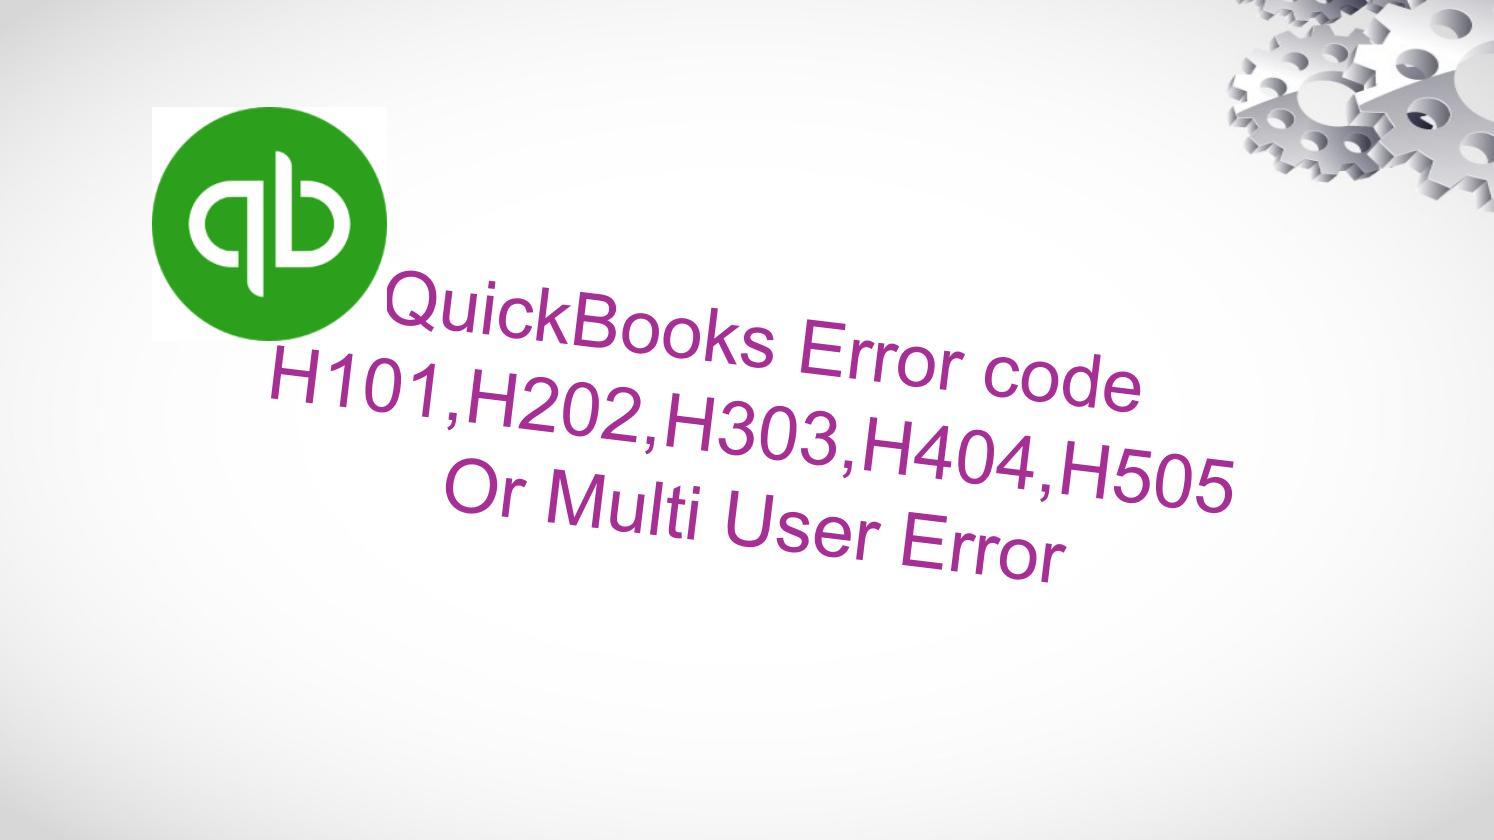 Quickbooks error code h101,H202,H303,H404,H505 Or Multi User